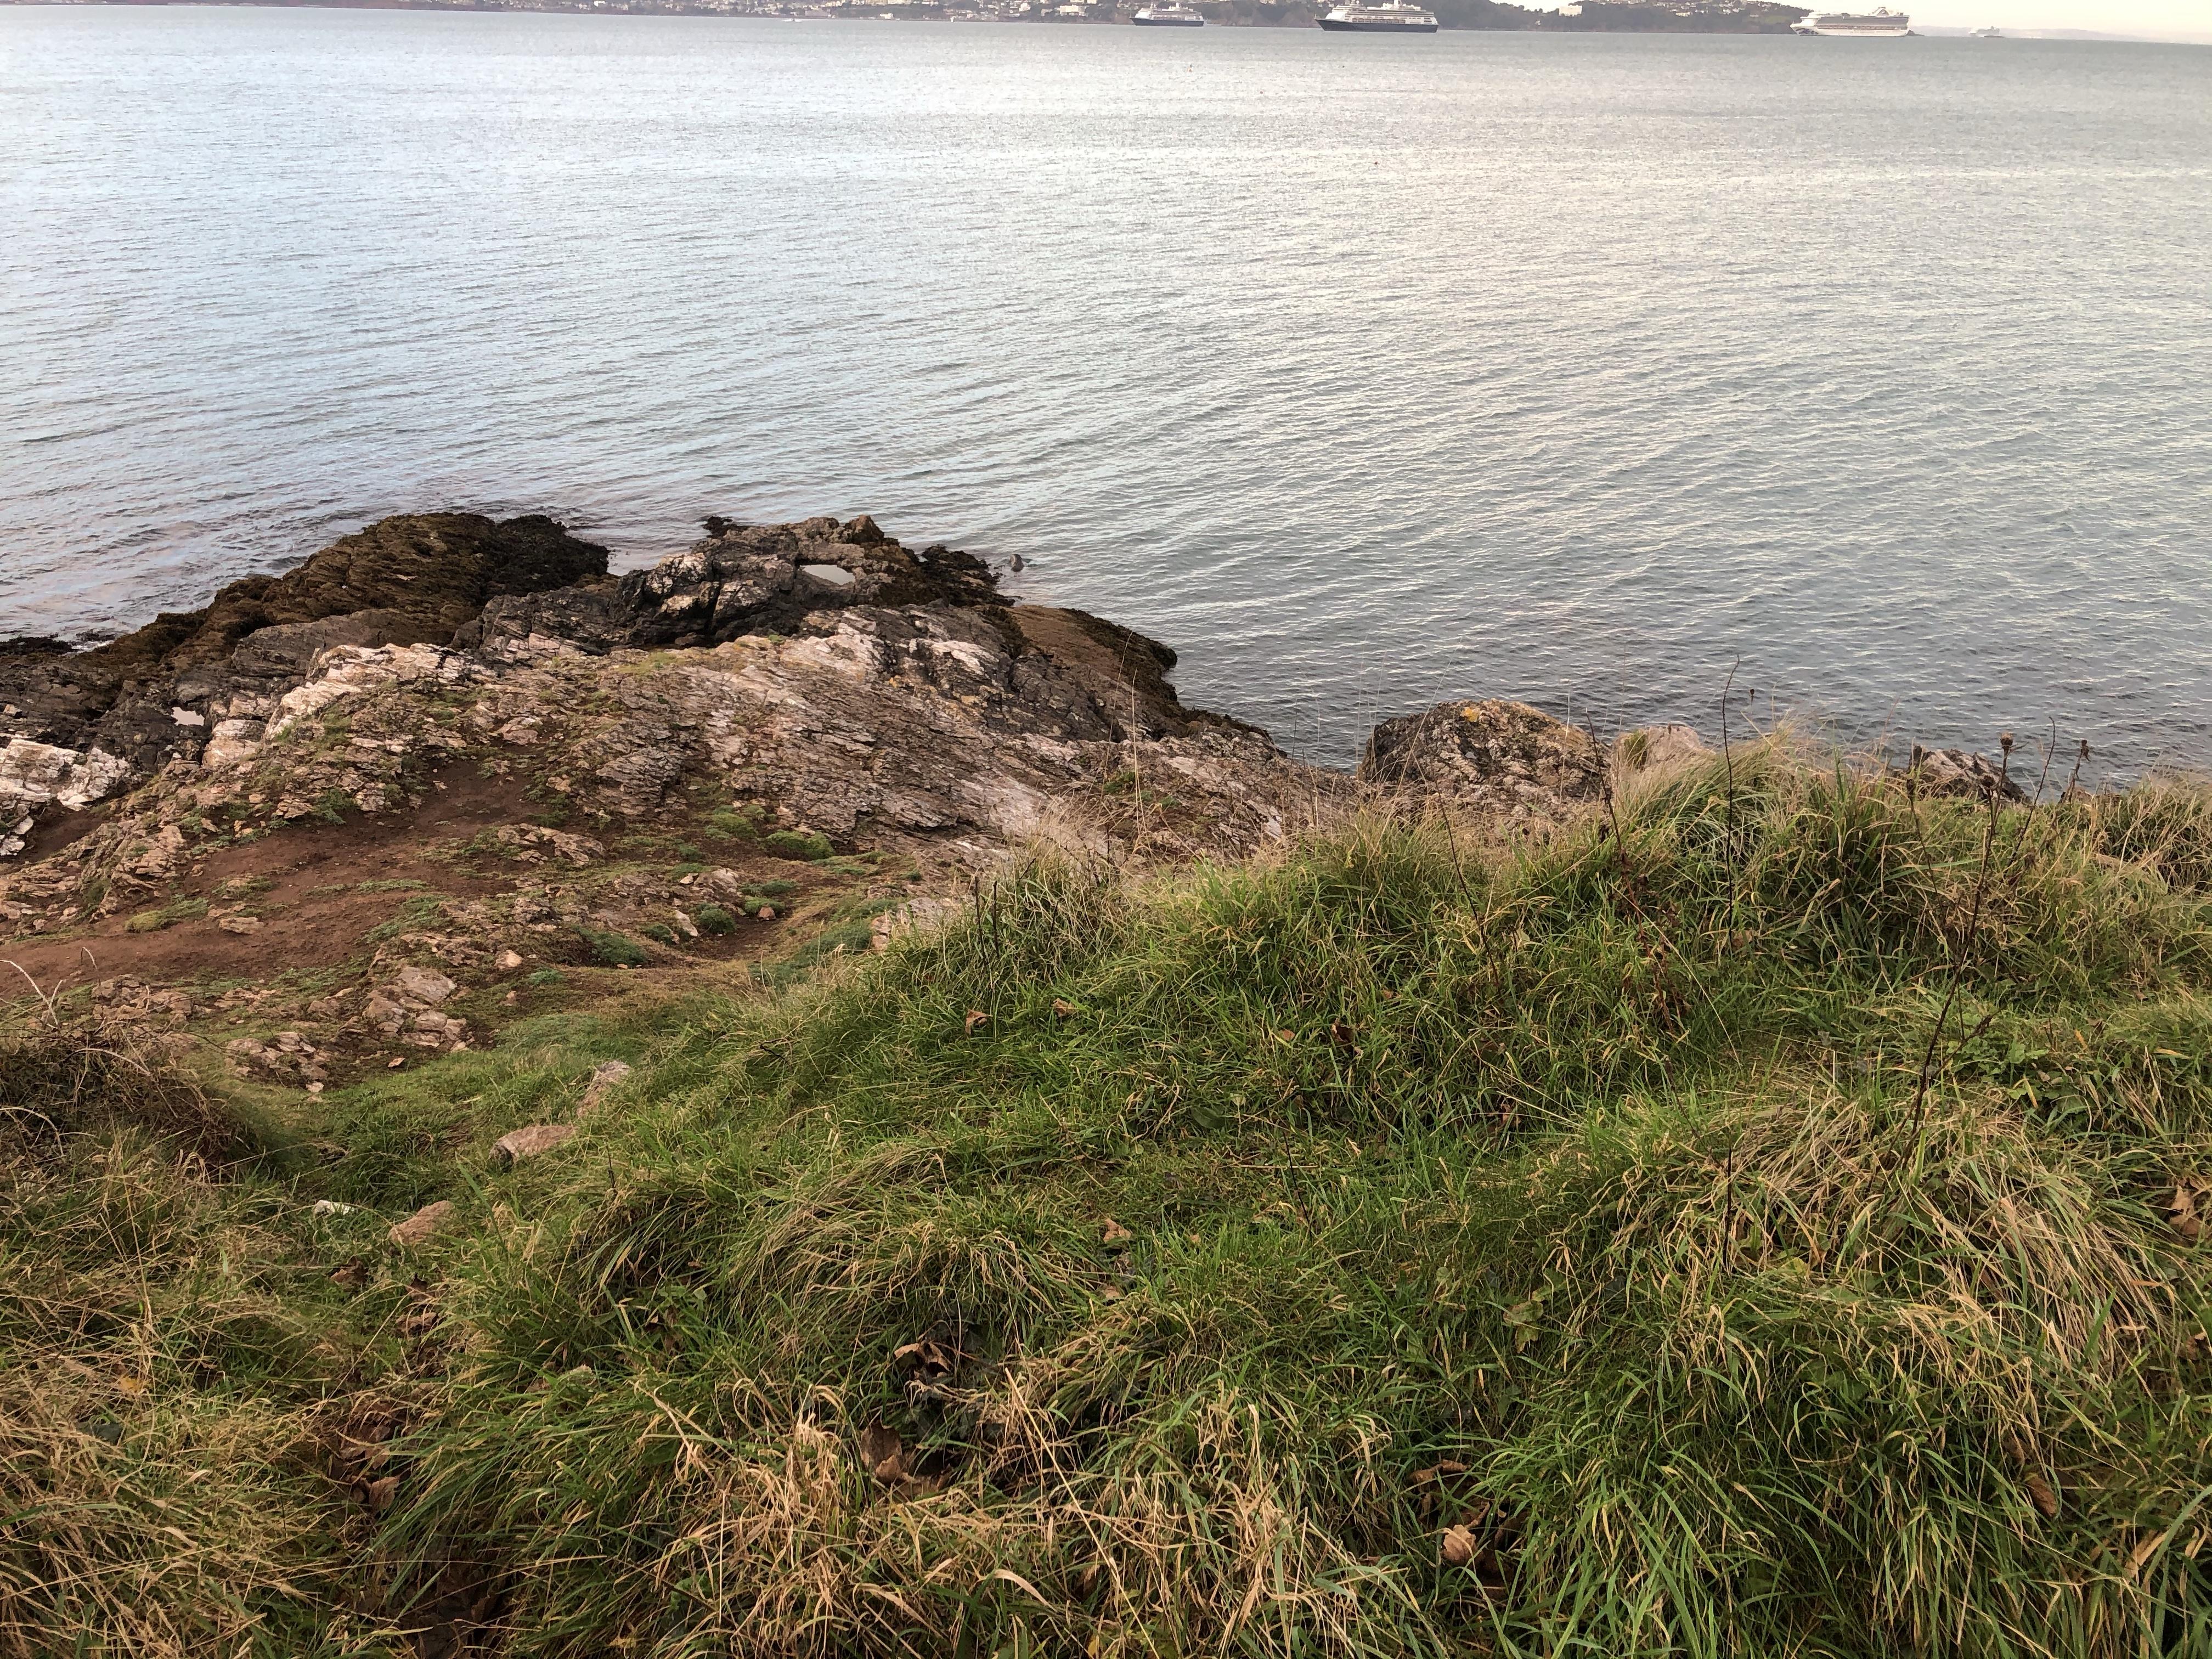 Seal in the water near Battery Gardens in Devon